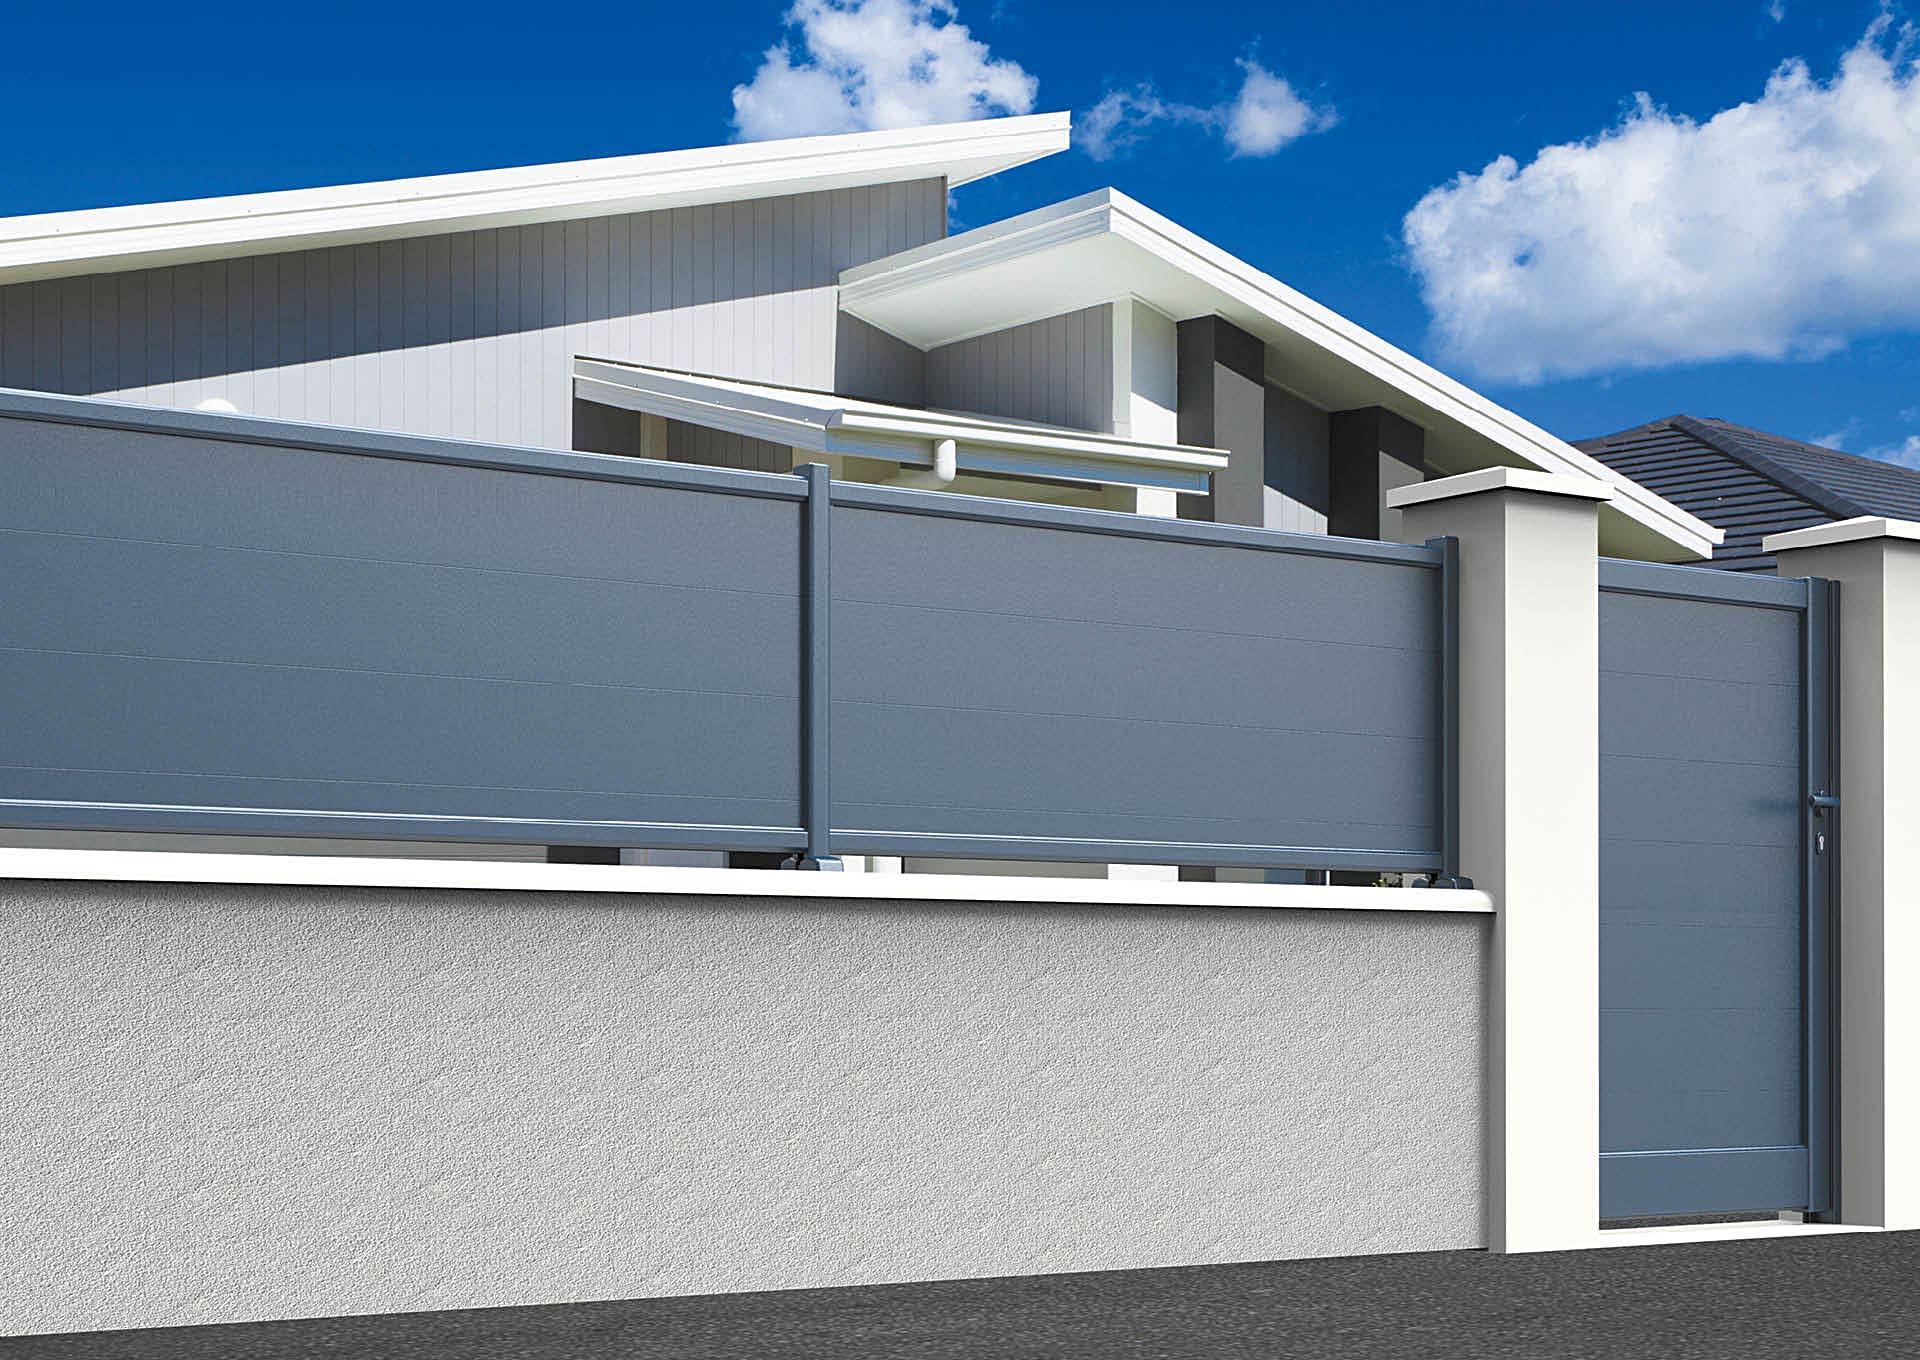 Clôture en aluminium 9000_CL_P2 Lames horizontales 200 mm